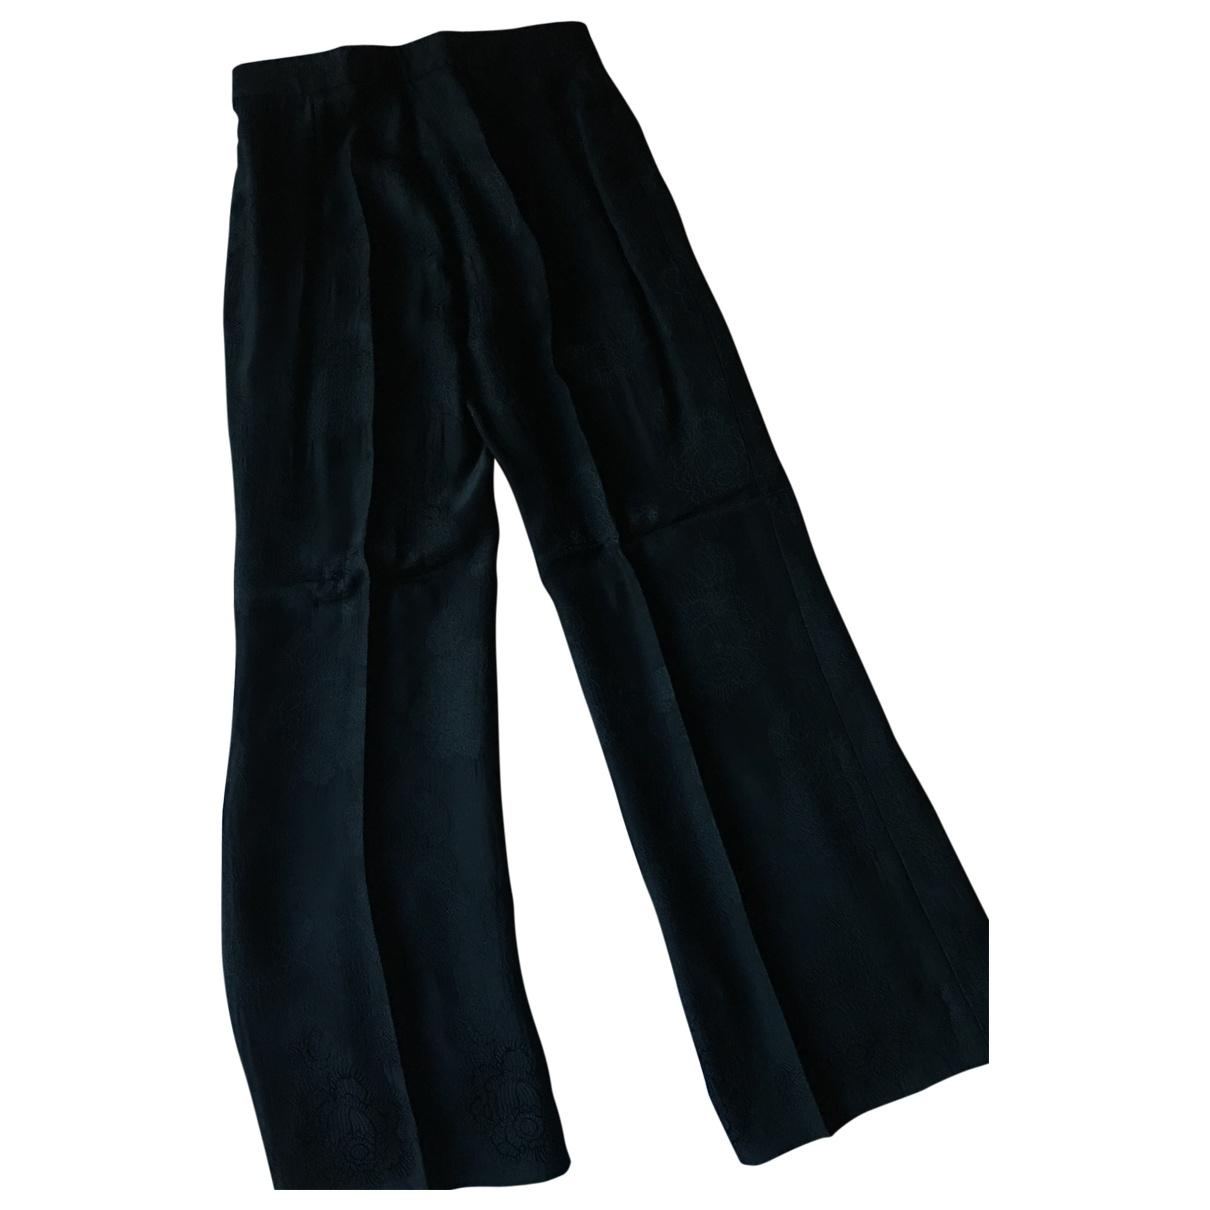 Sandro \N Black Trousers for Women 36 FR